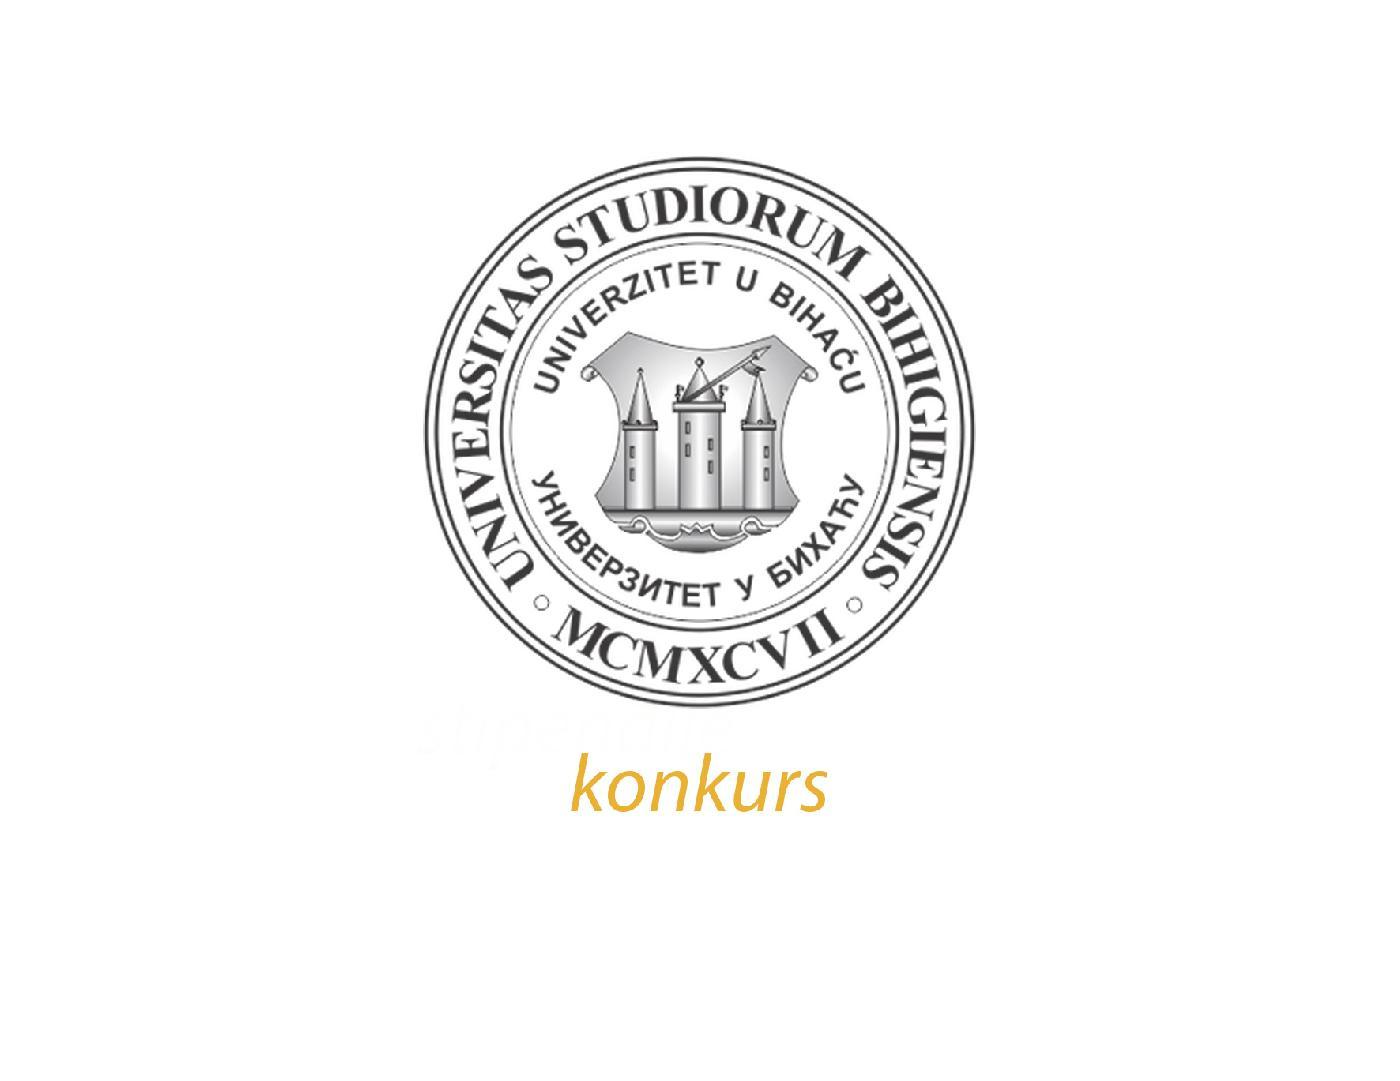 Konkurs Fakulteta zdravstvenih studija Univerziteta u Bihaću